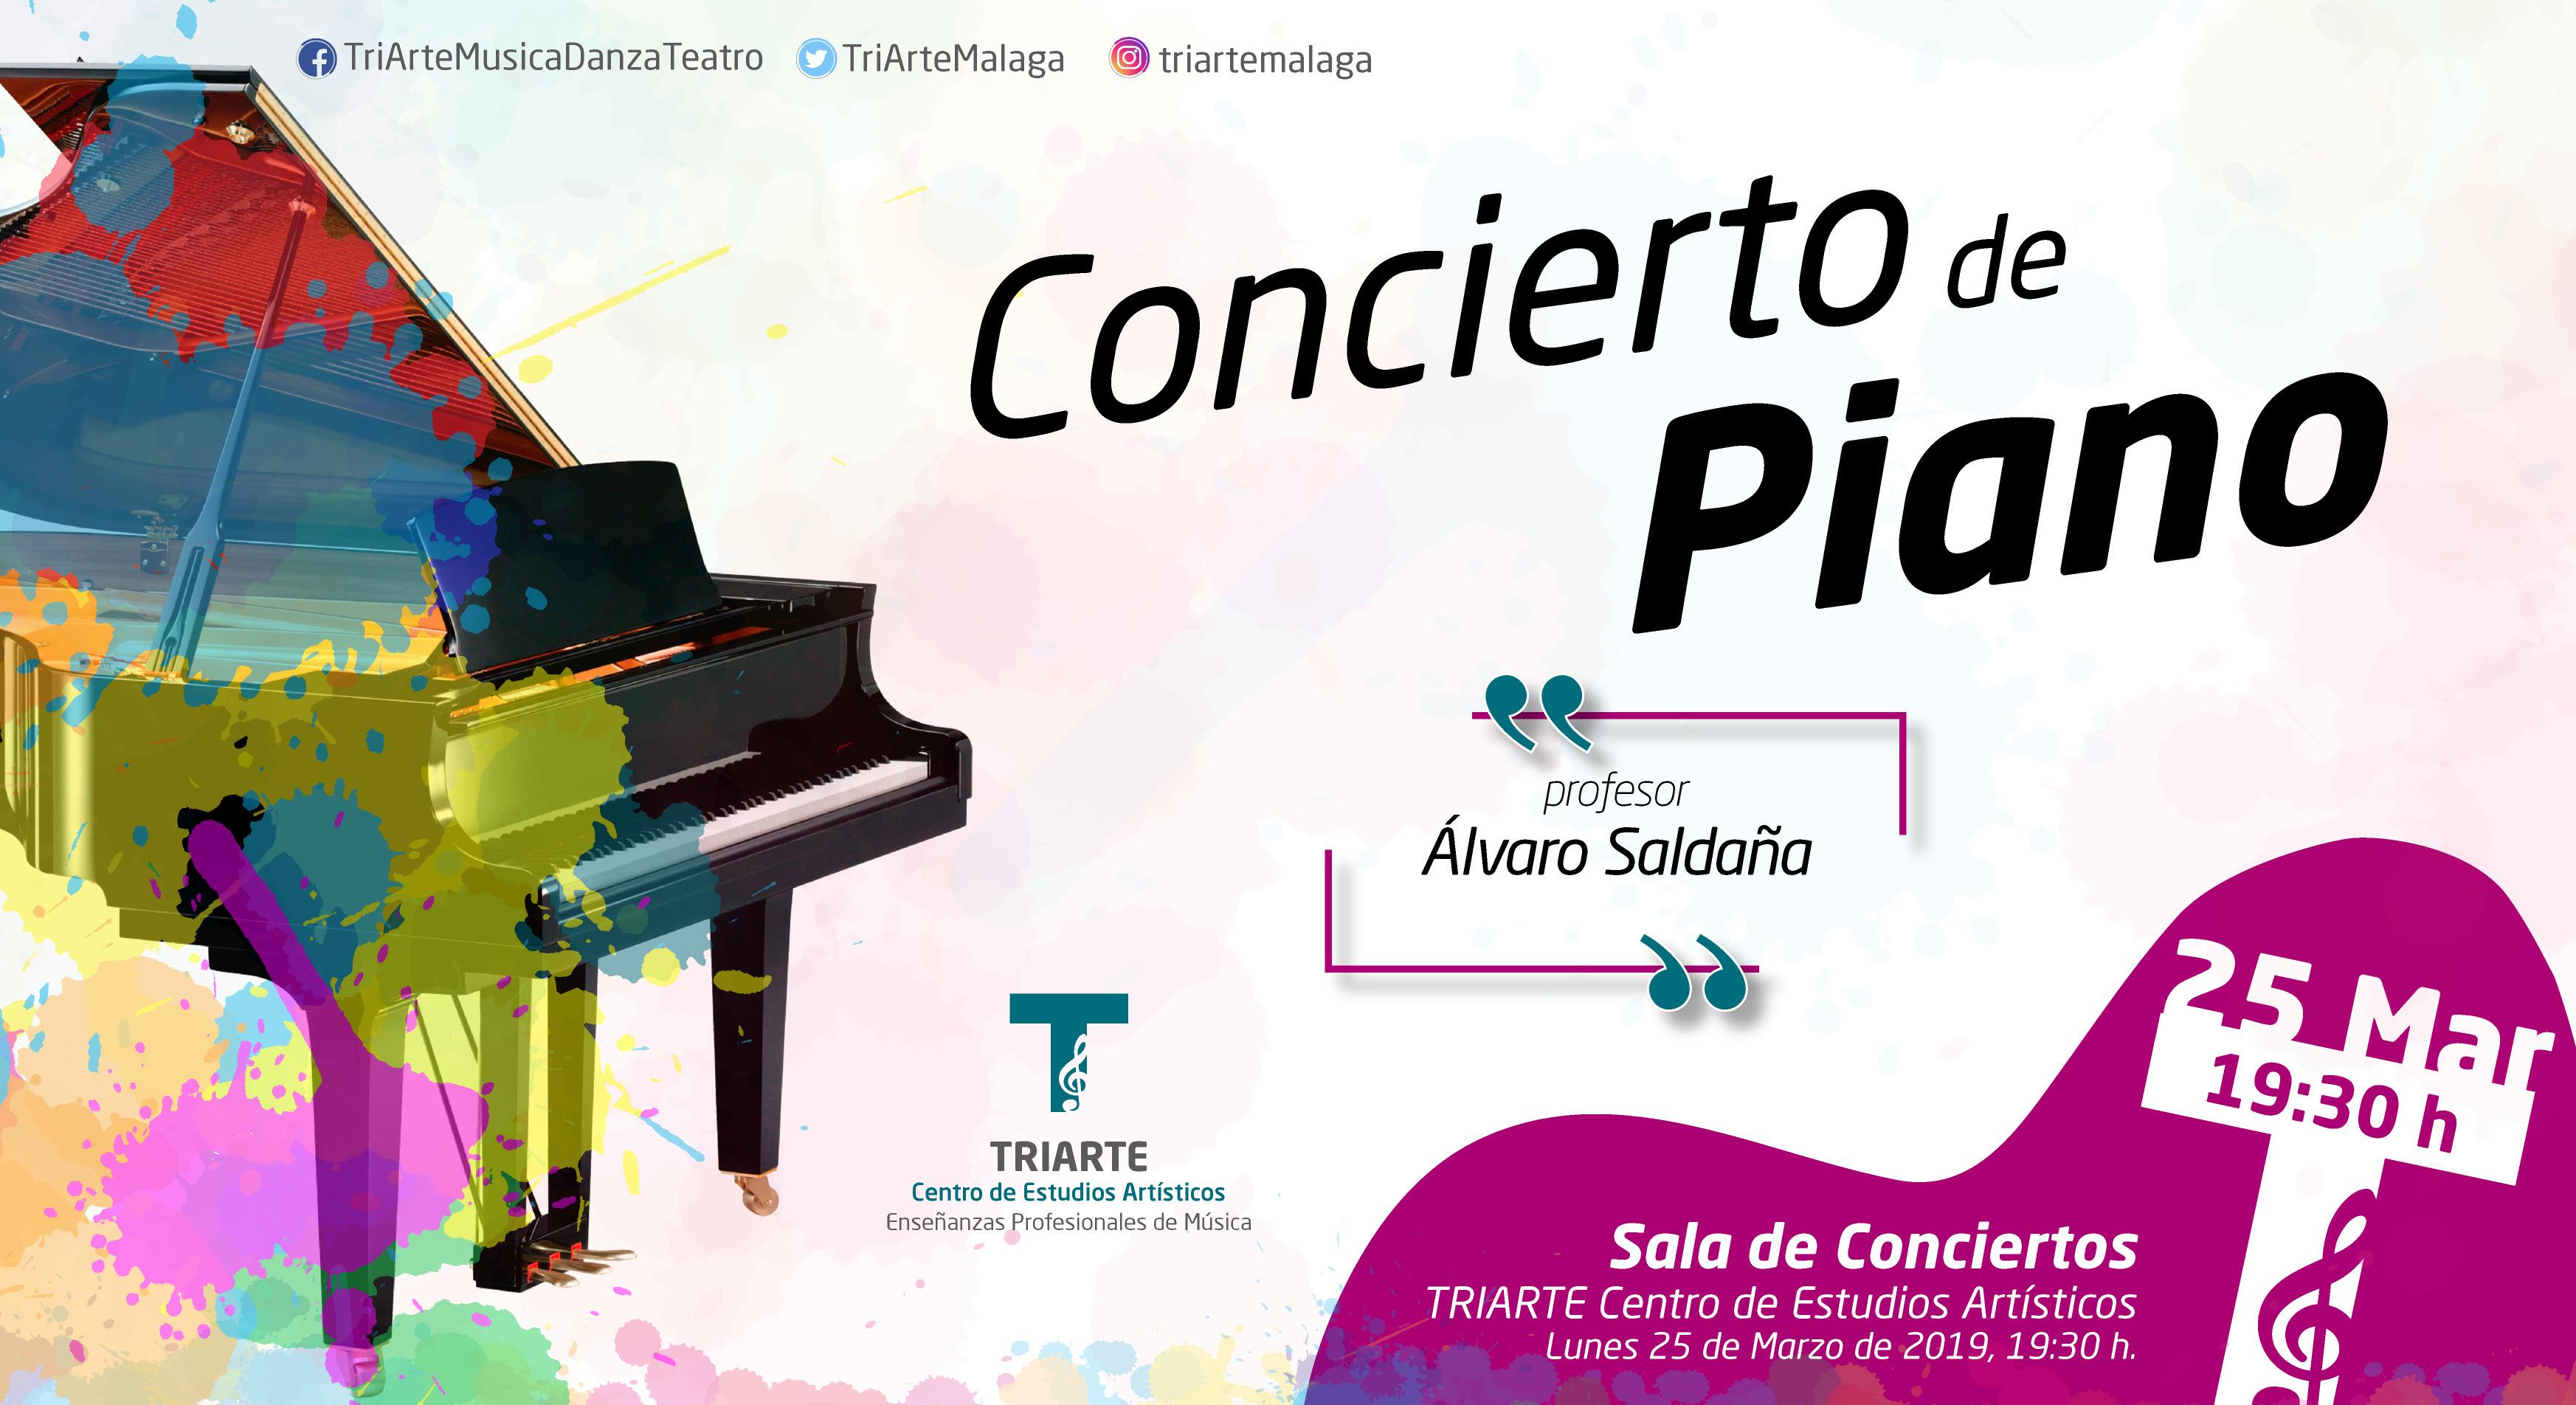 Concierto de Piano. TRIARTE - Centro de Estudios Artísticos. Profesor Álvaro Saldaña. Marzo 2019.